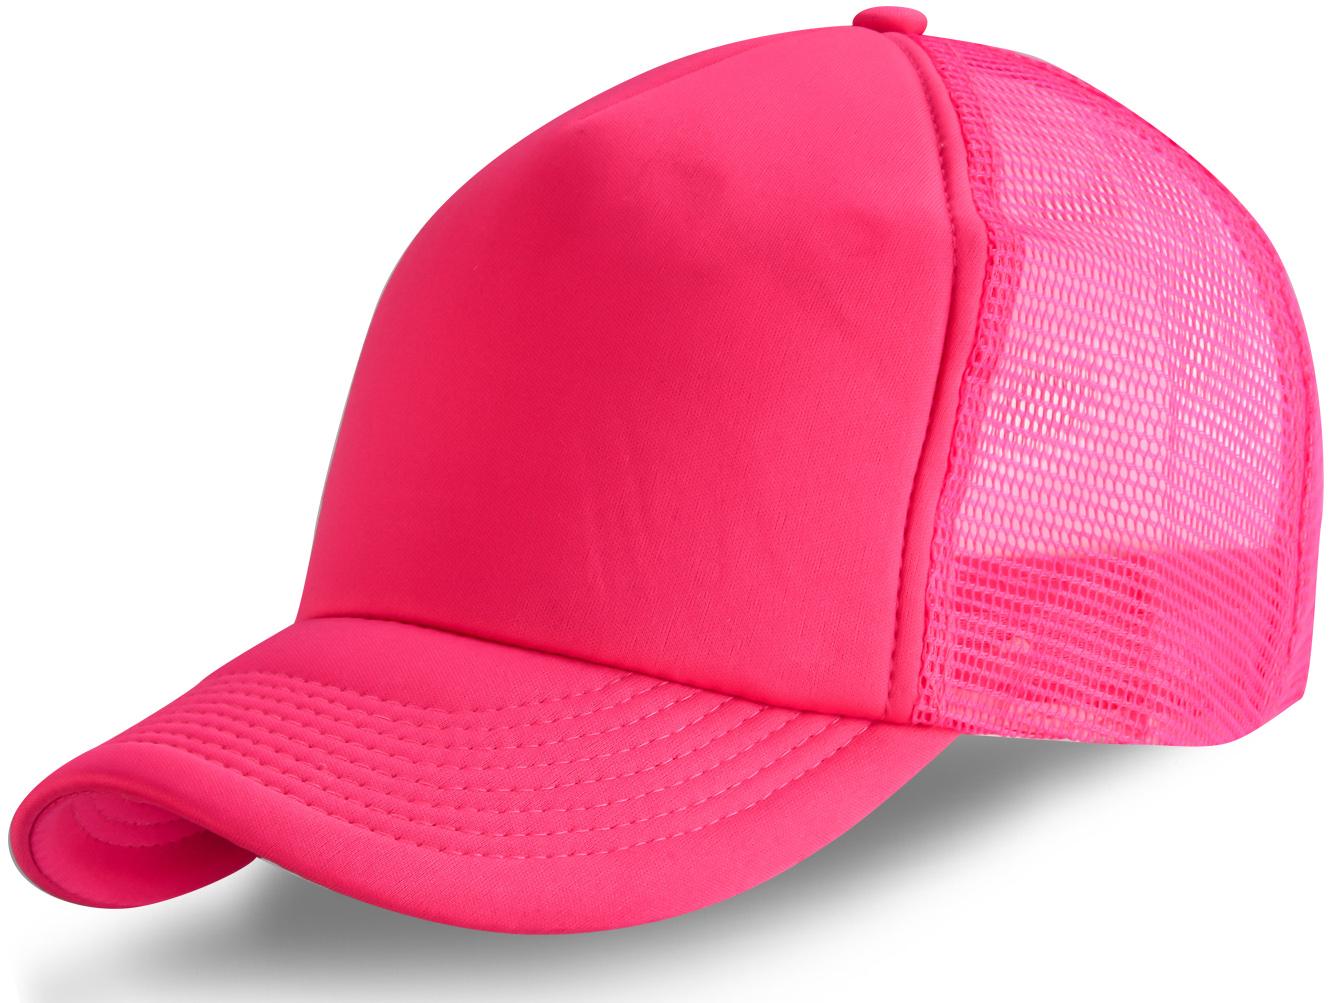 Розовая кепка с сеткой - купить в интернет-магазине с доставкой